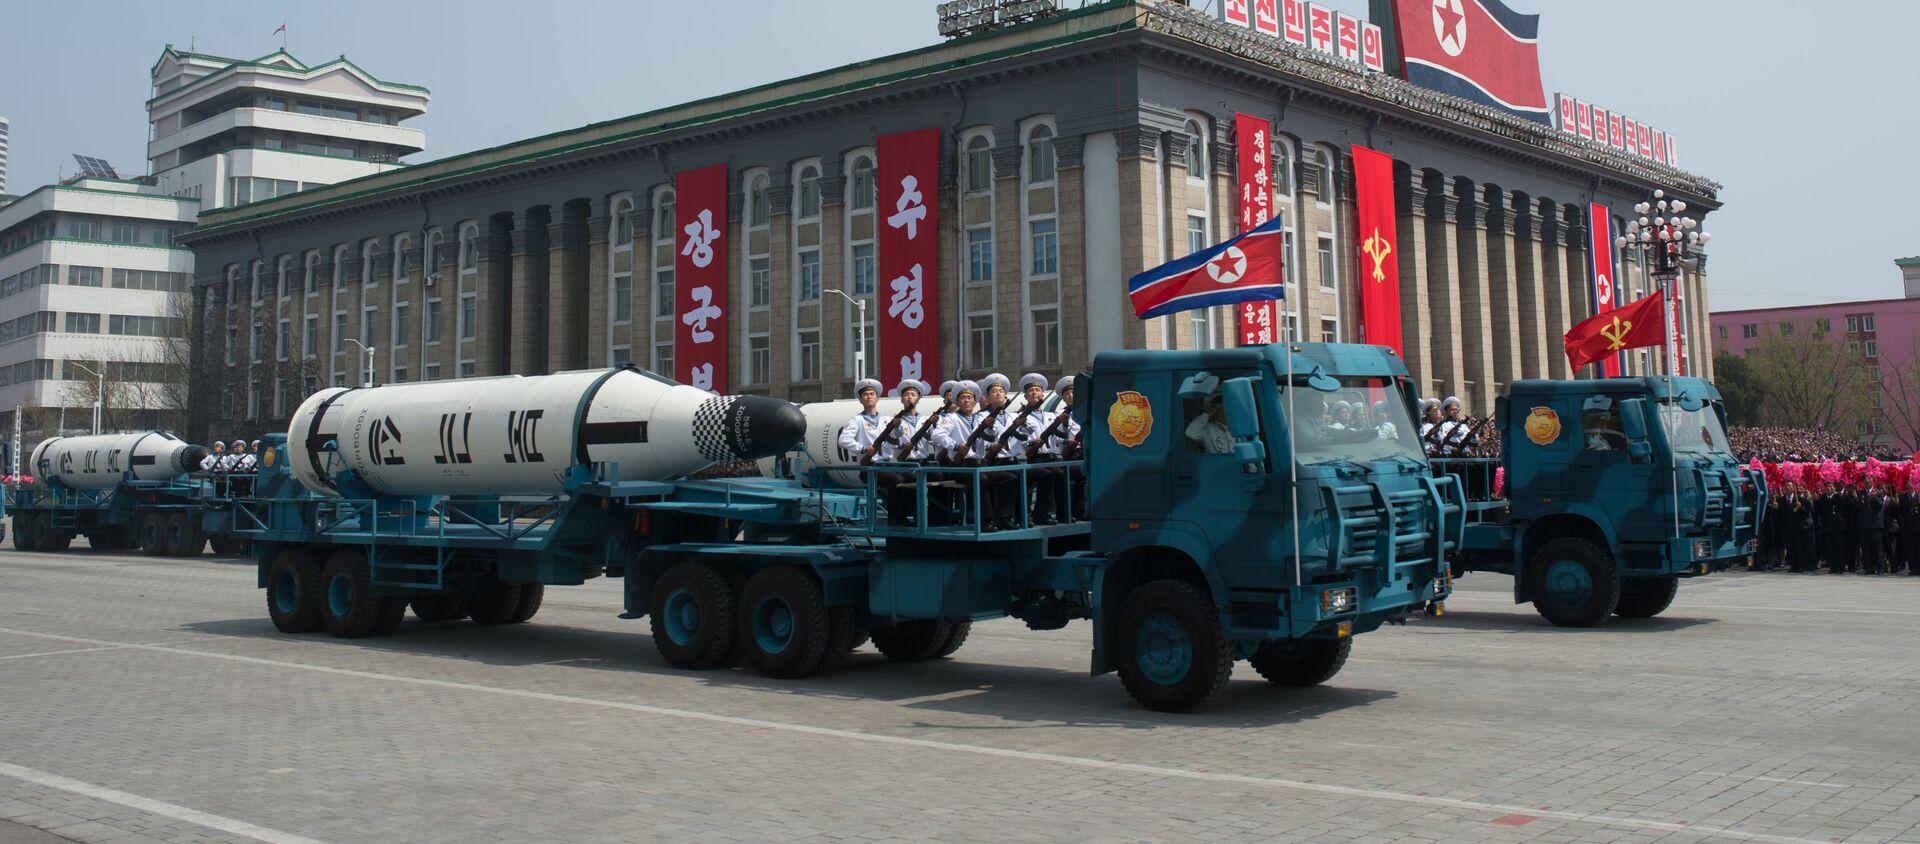 Bắc Triều Tiên - Sputnik Việt Nam, 1920, 23.07.2021